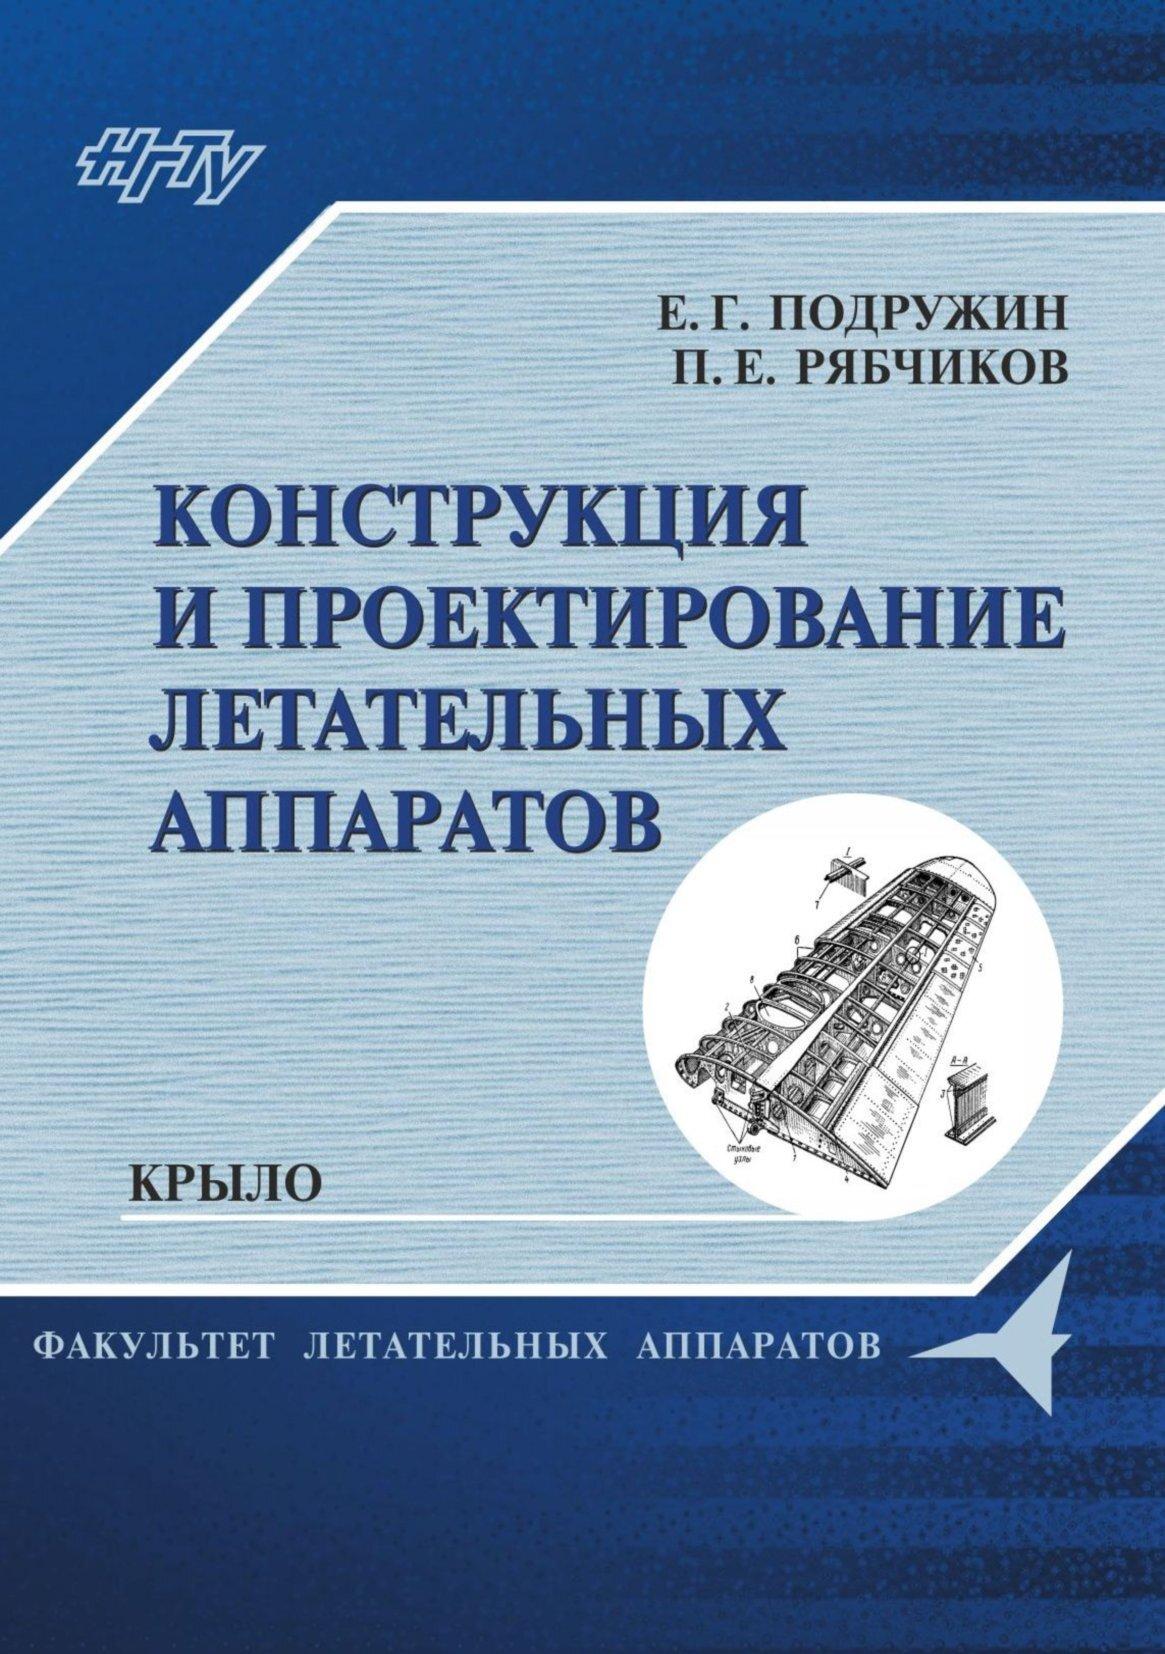 Евгений Герасимович Подружин Конструкция и проектирование летательных аппаратов. Крыло